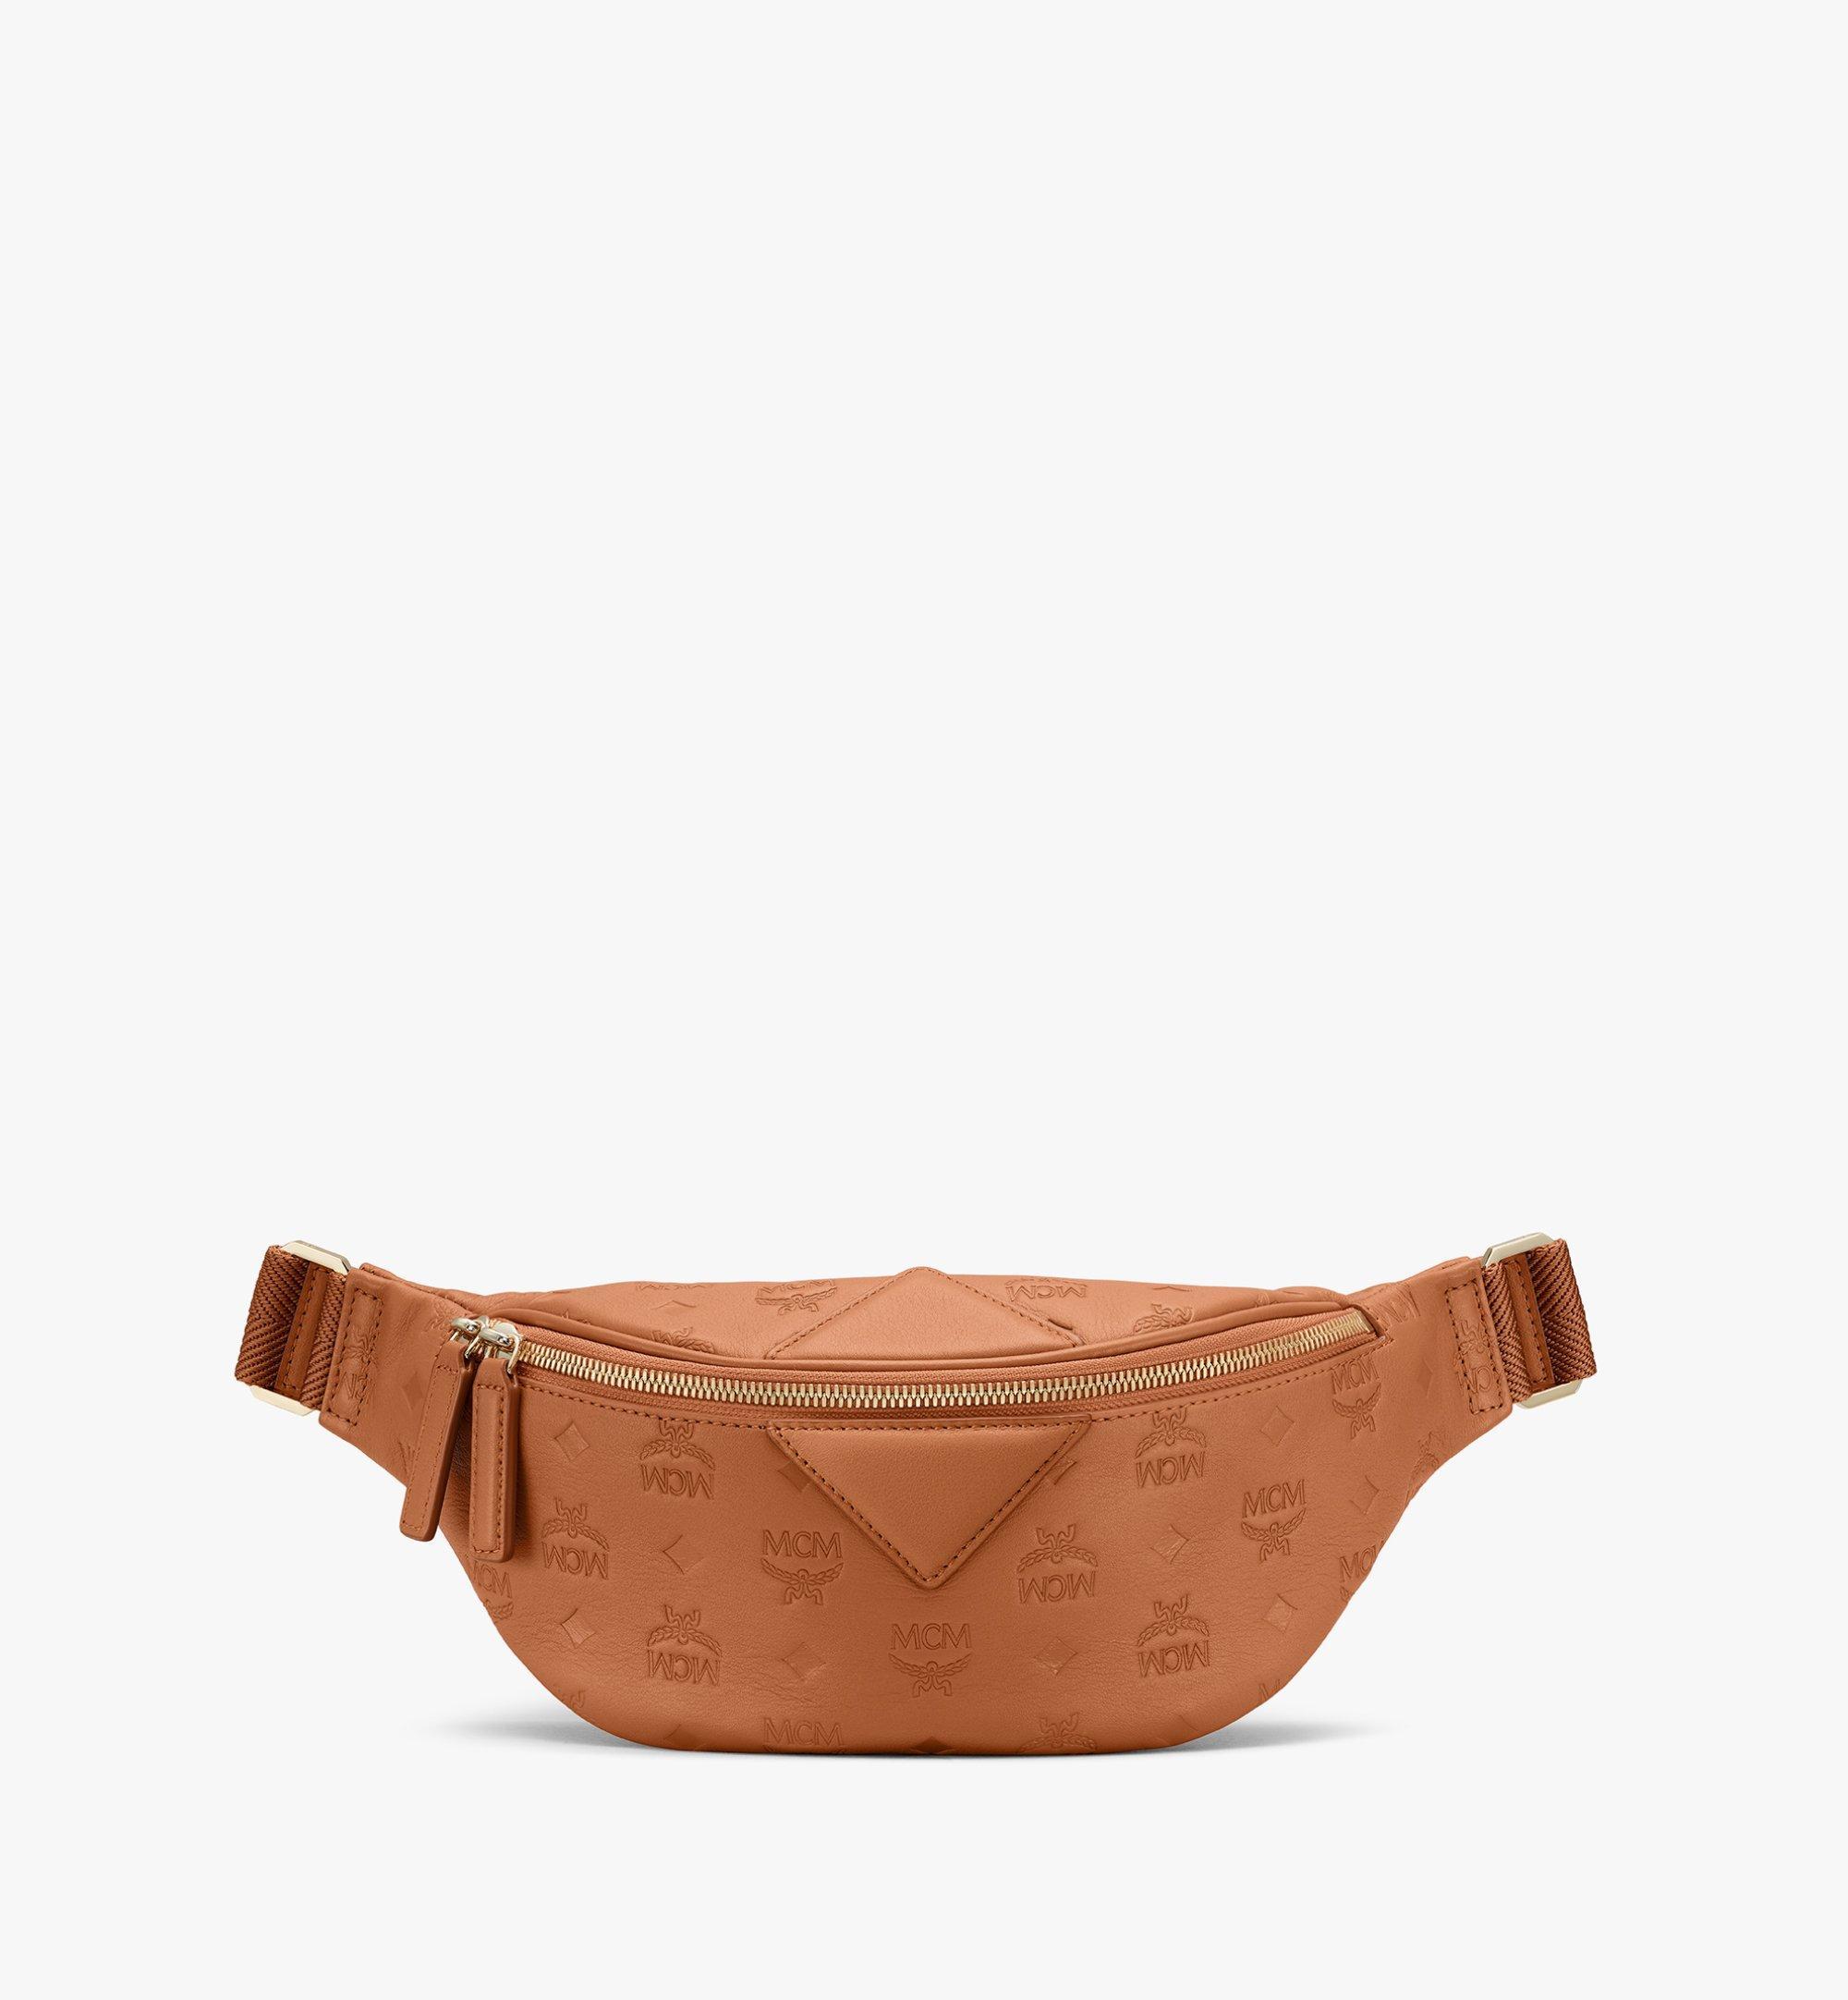 Small Fursten Gürteltasche aus Leder mit Monogramm Cognac